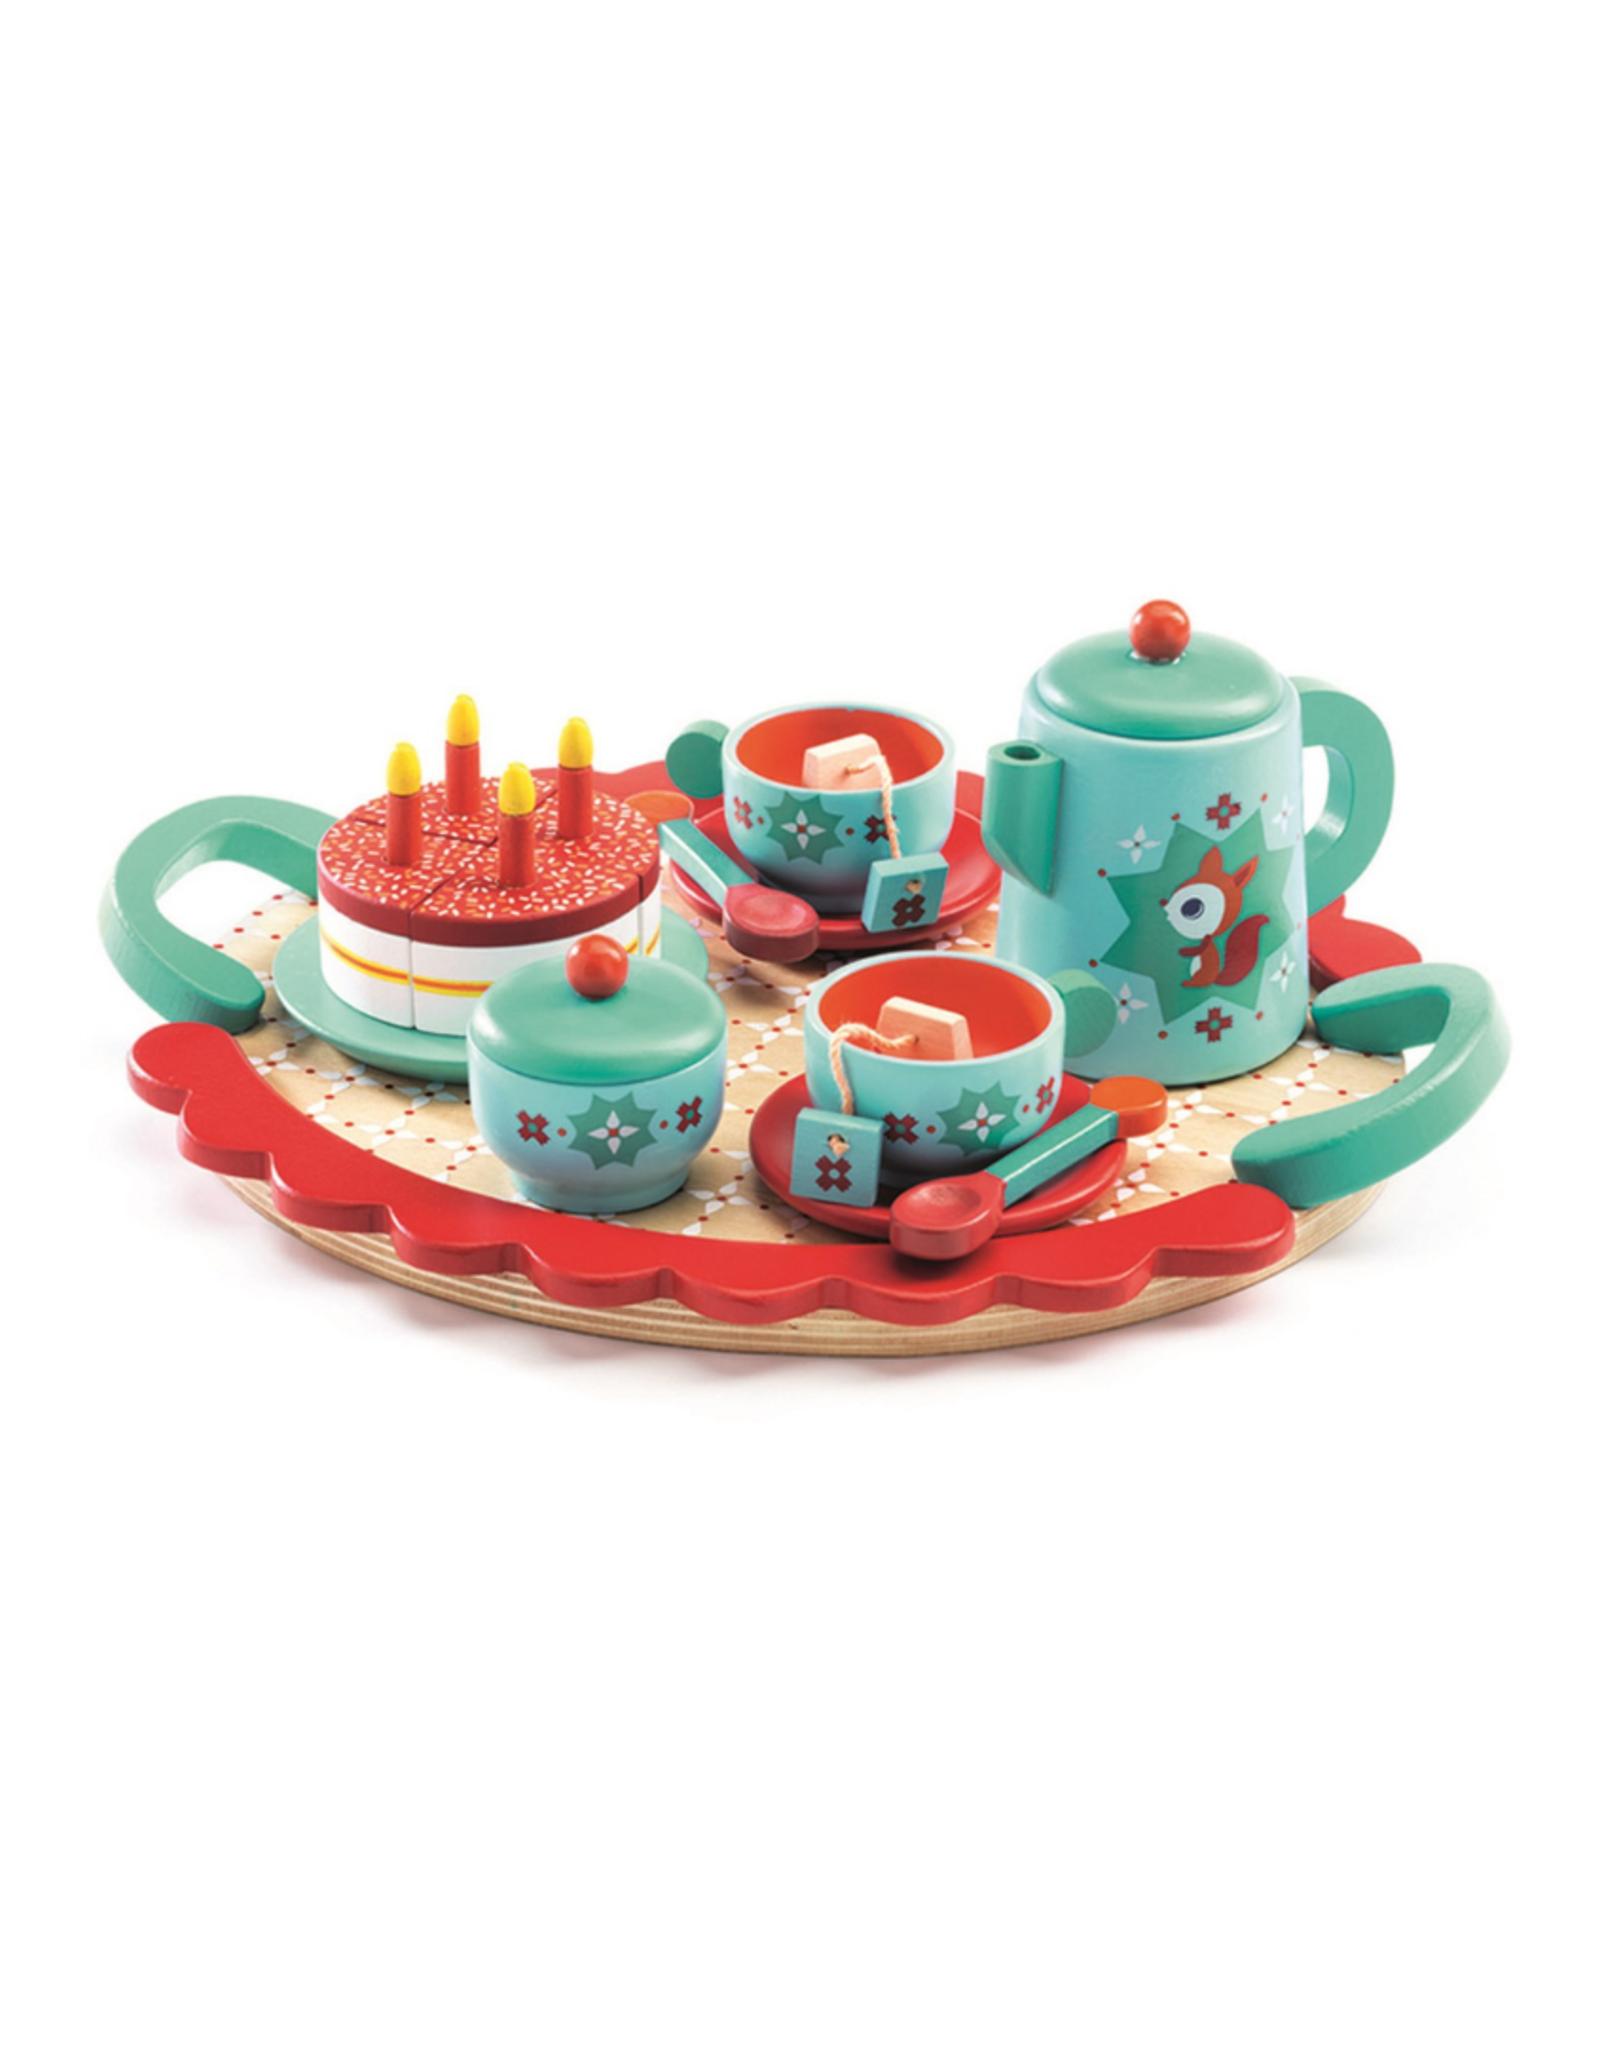 Djeco Djeco Wooden Tea Set - Fox's Party